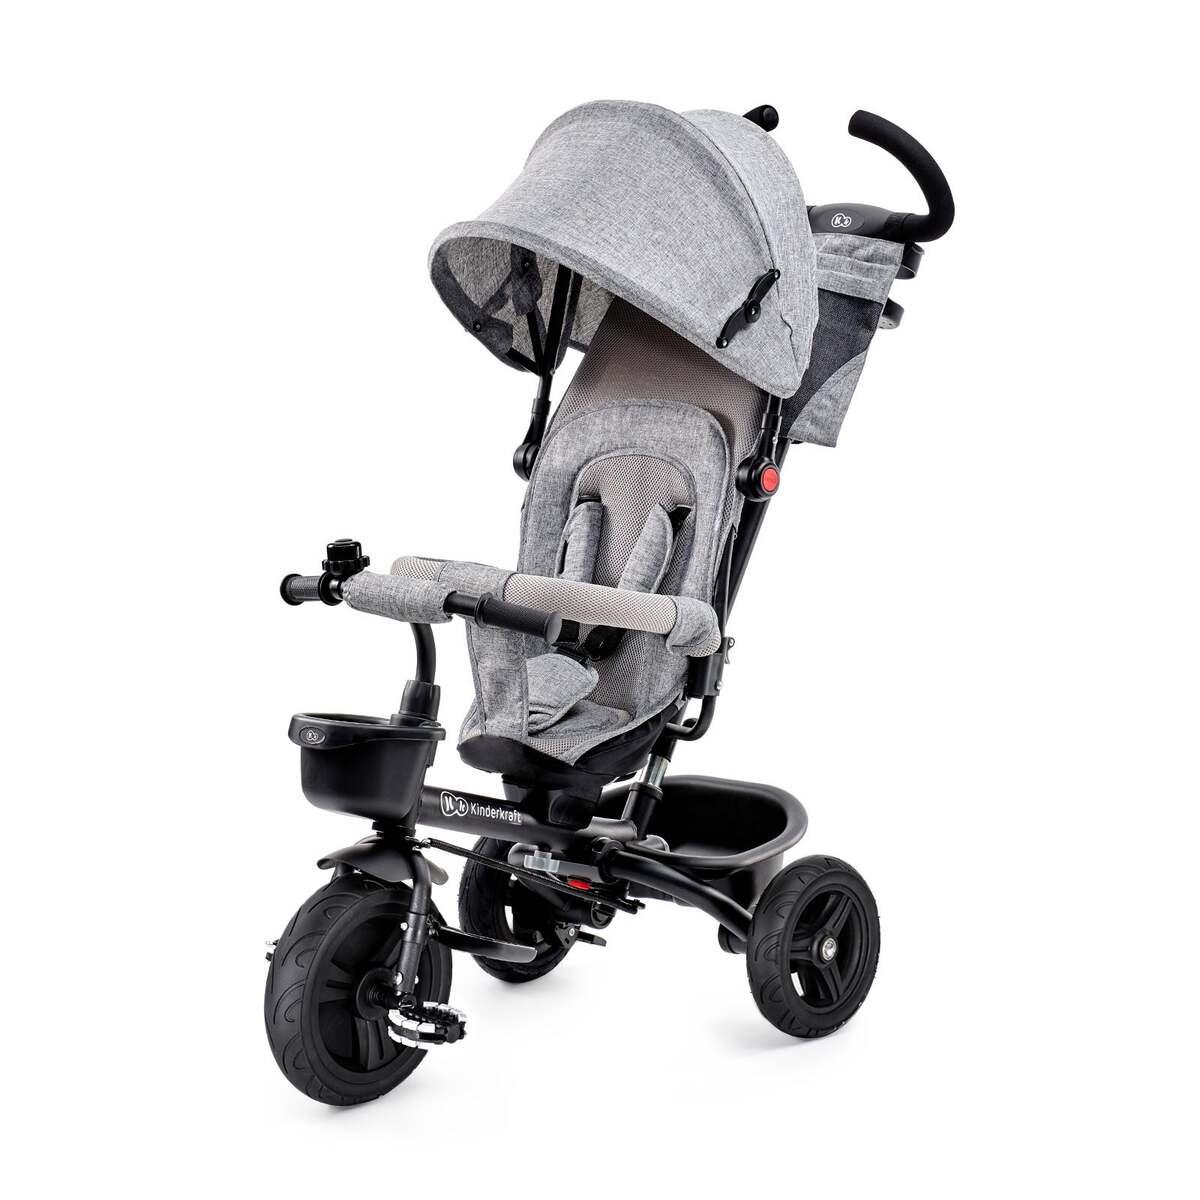 Bild 1 von Kinderkraft AVEO-Dreirad grey